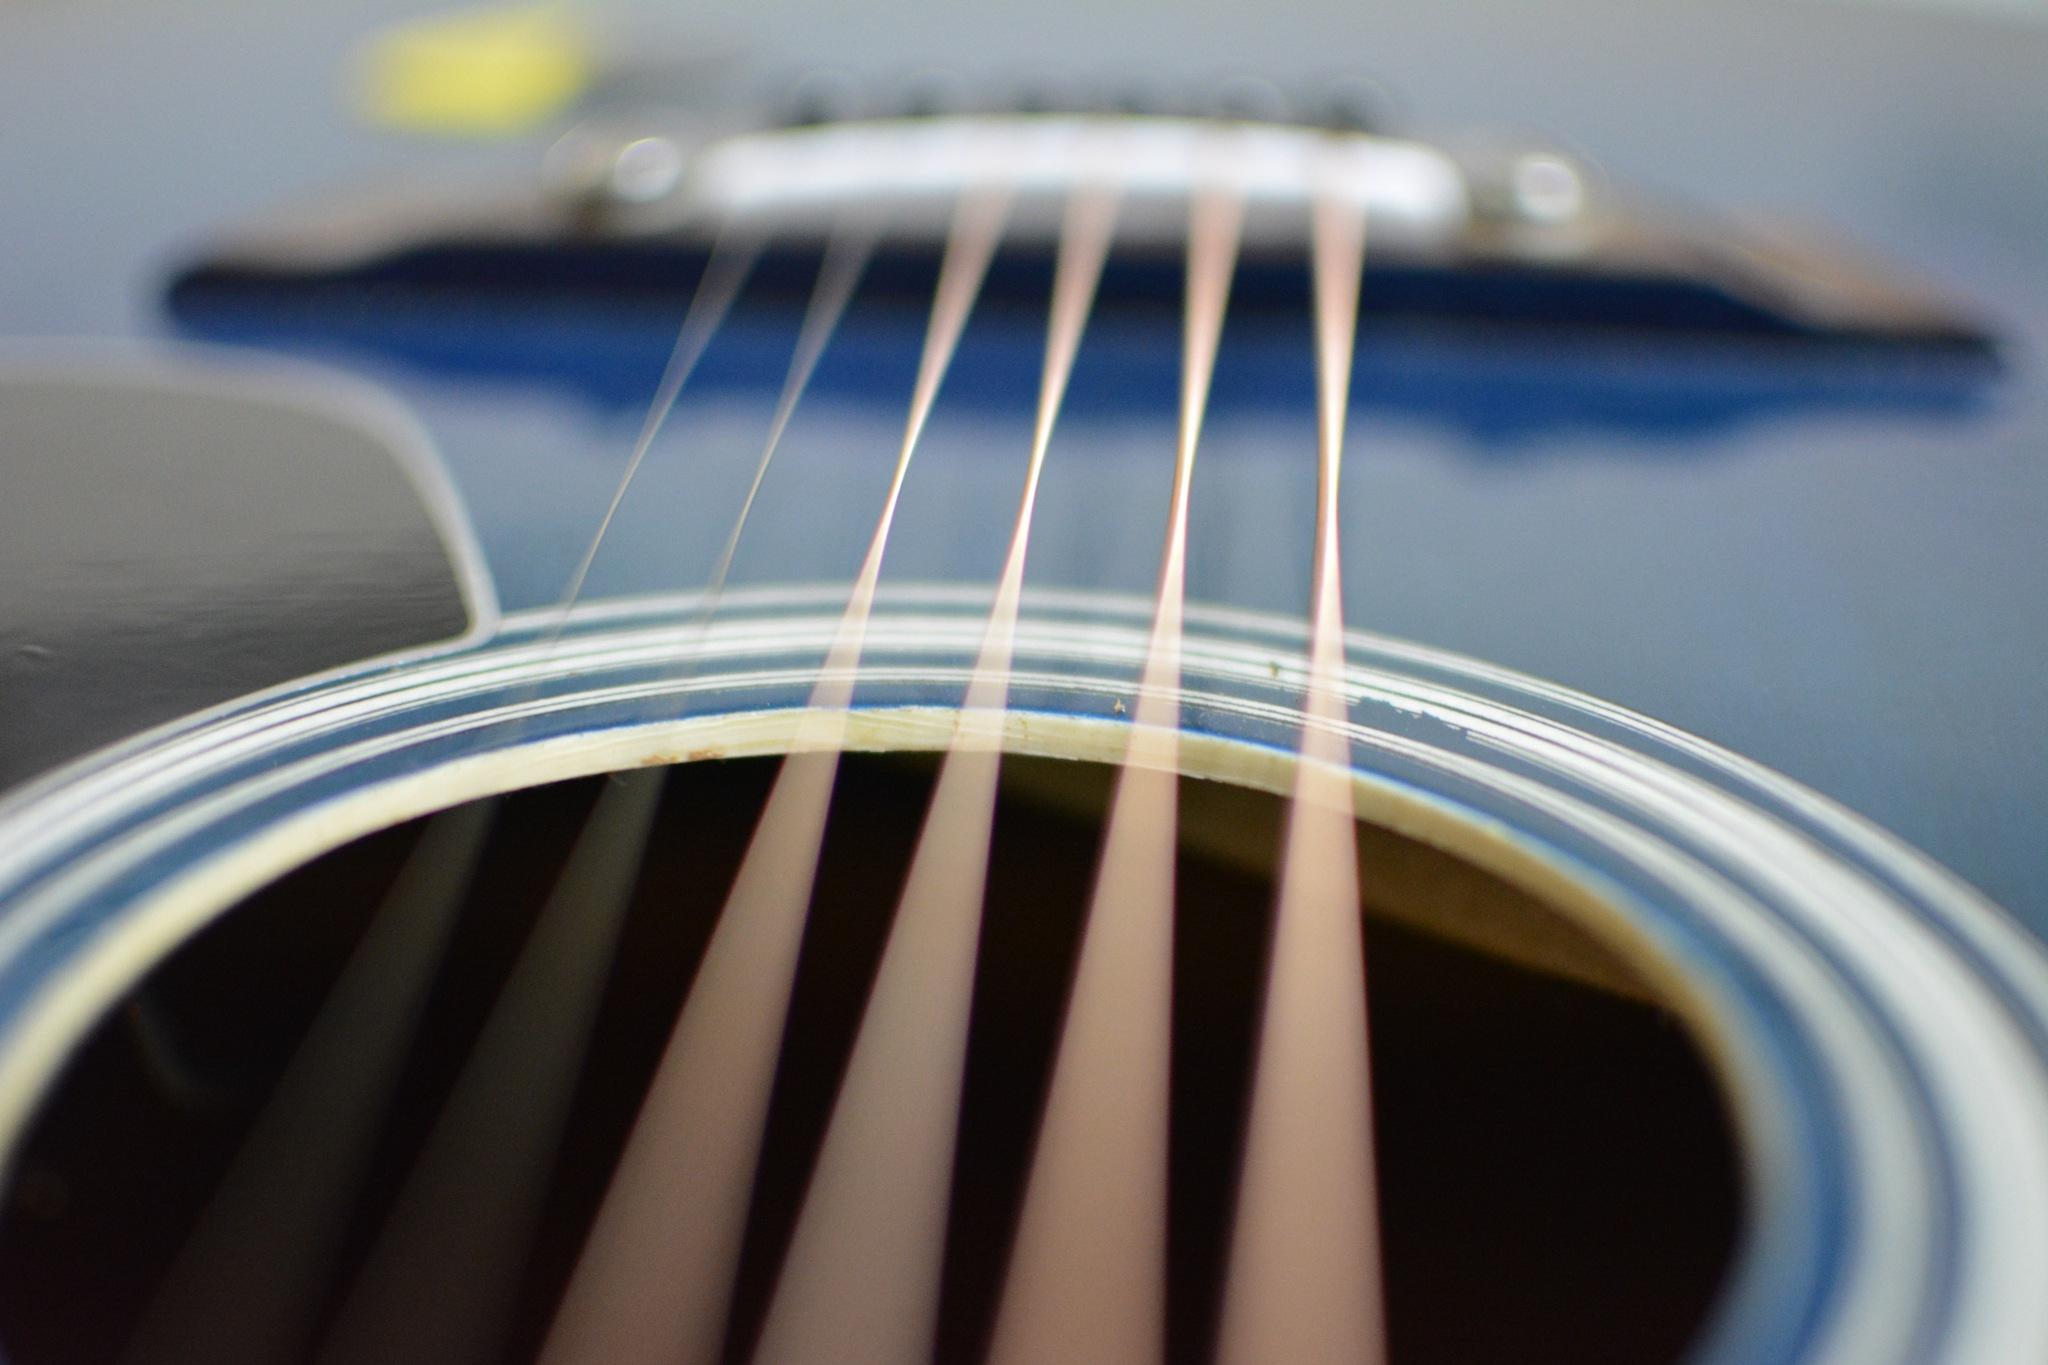 Guitar Strings by Nishanth N